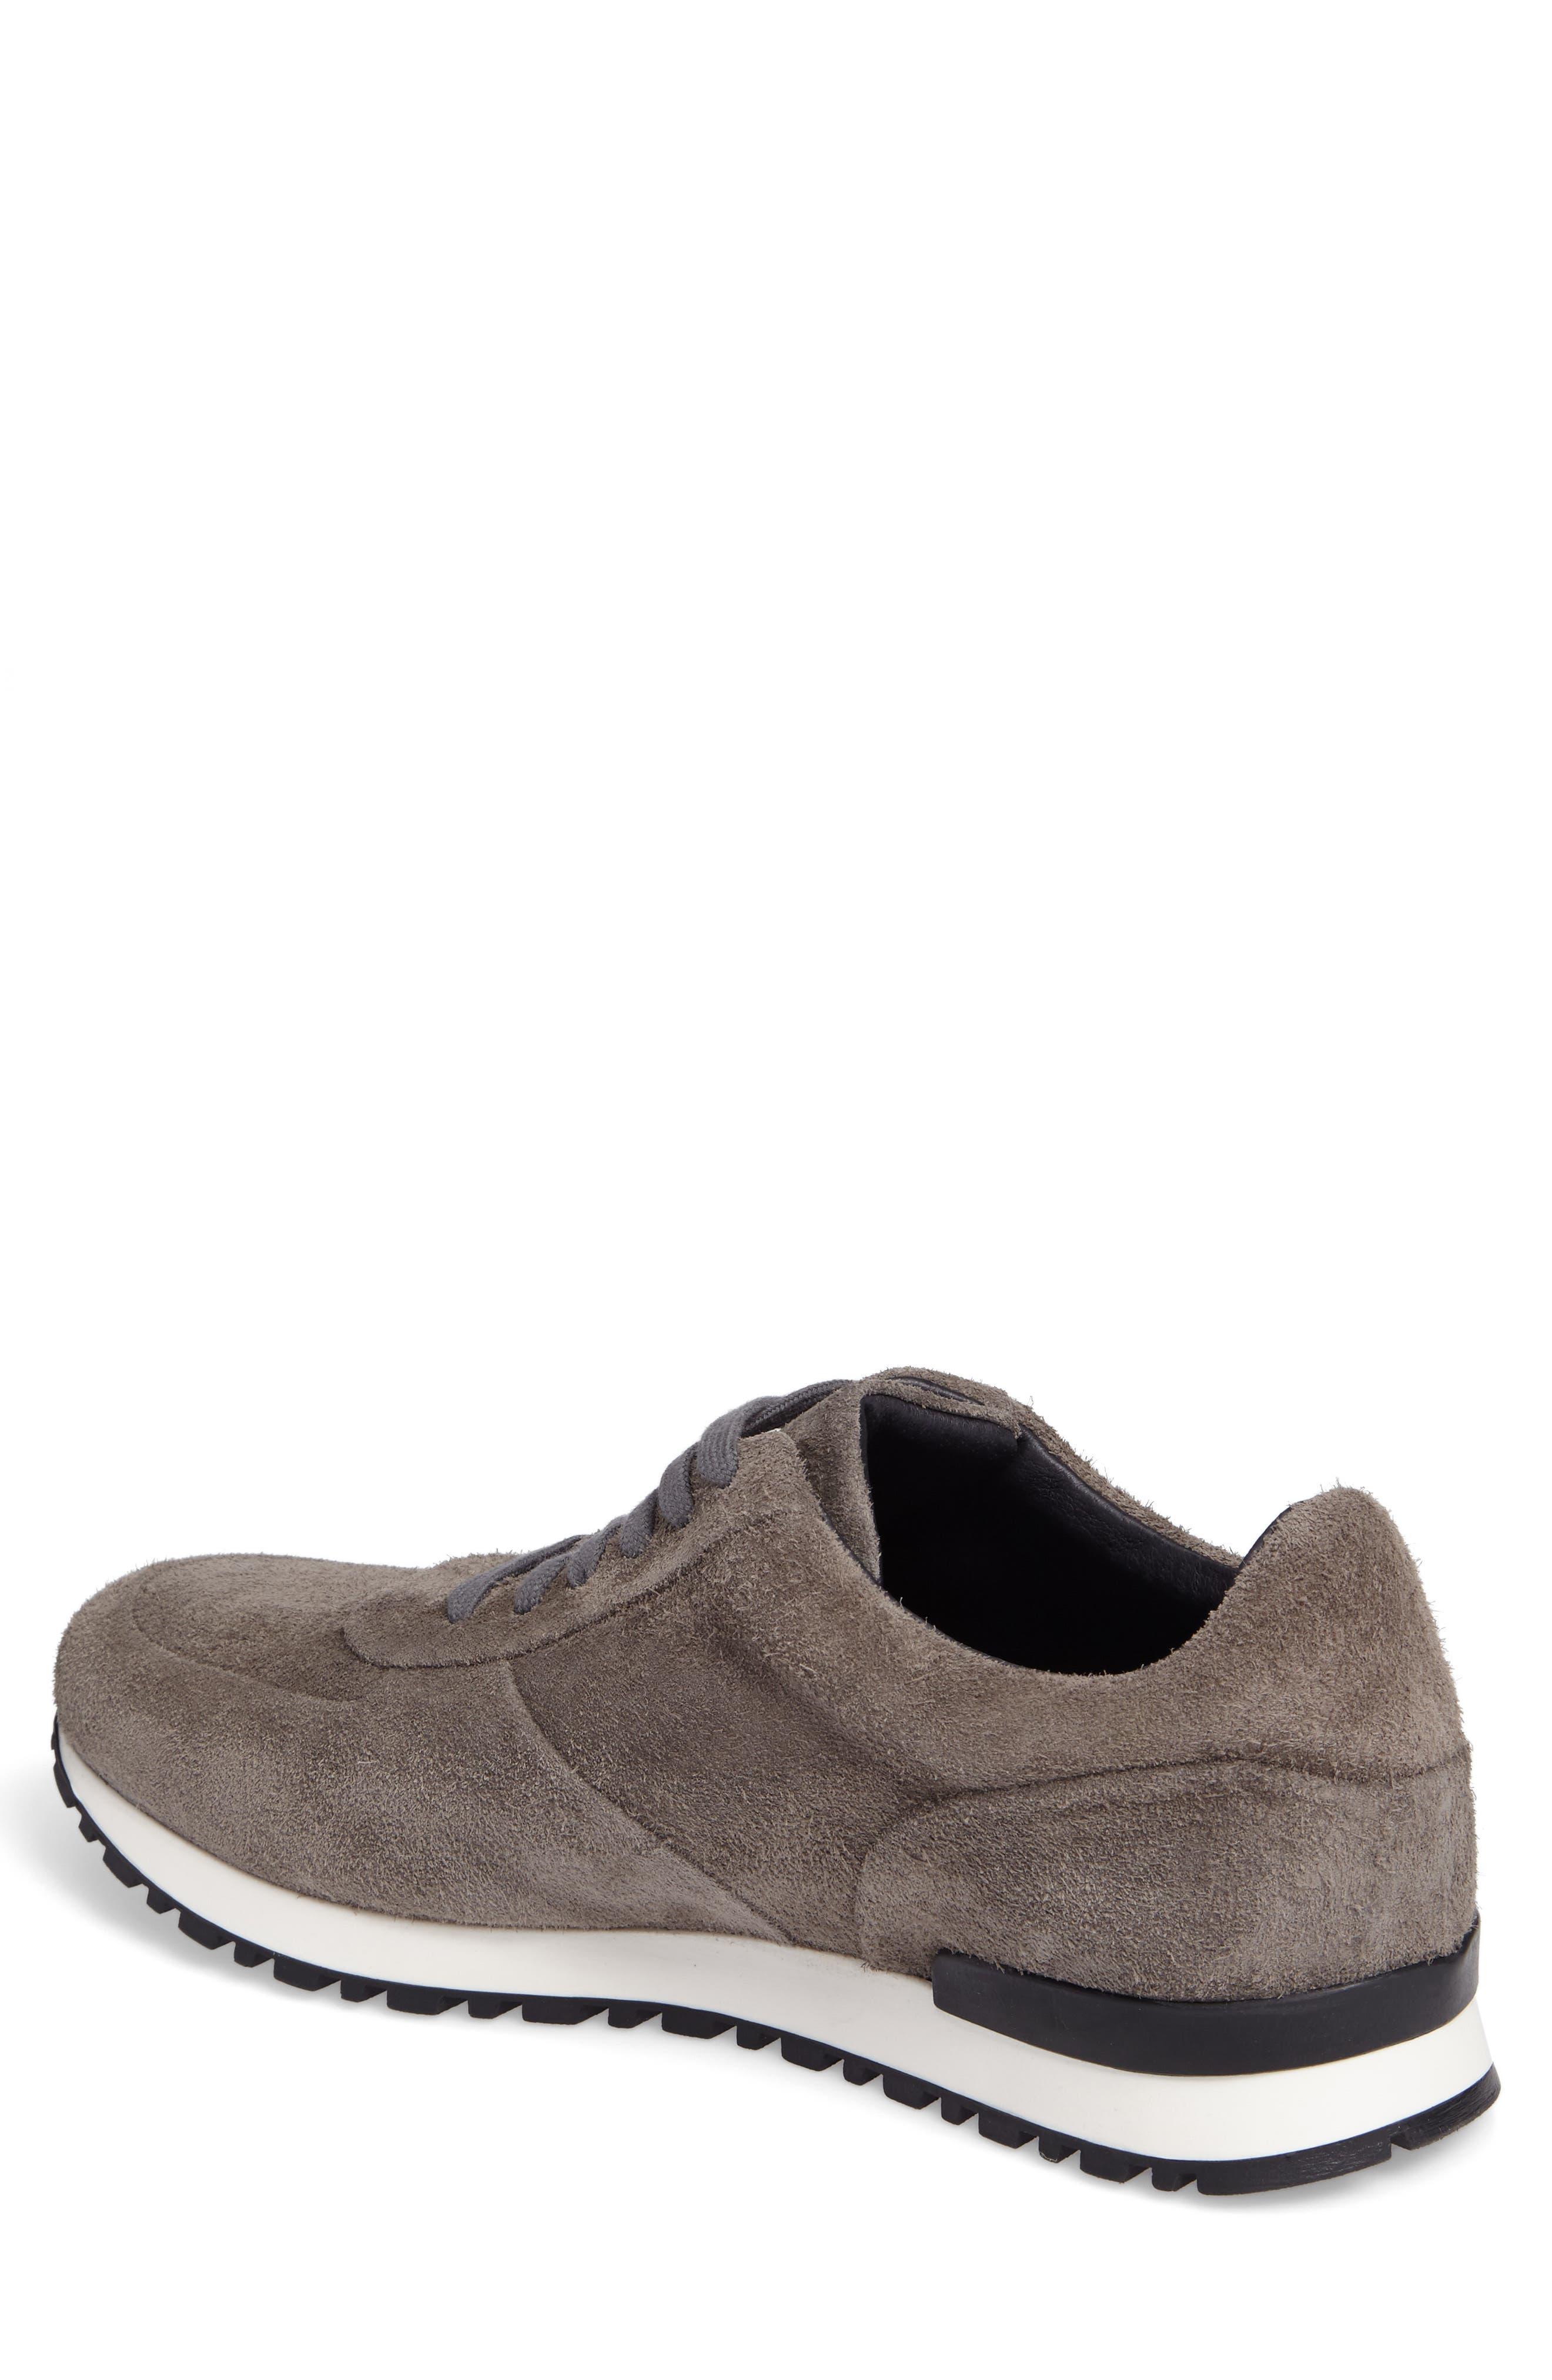 Hairy Sneaker,                             Alternate thumbnail 2, color,                             064